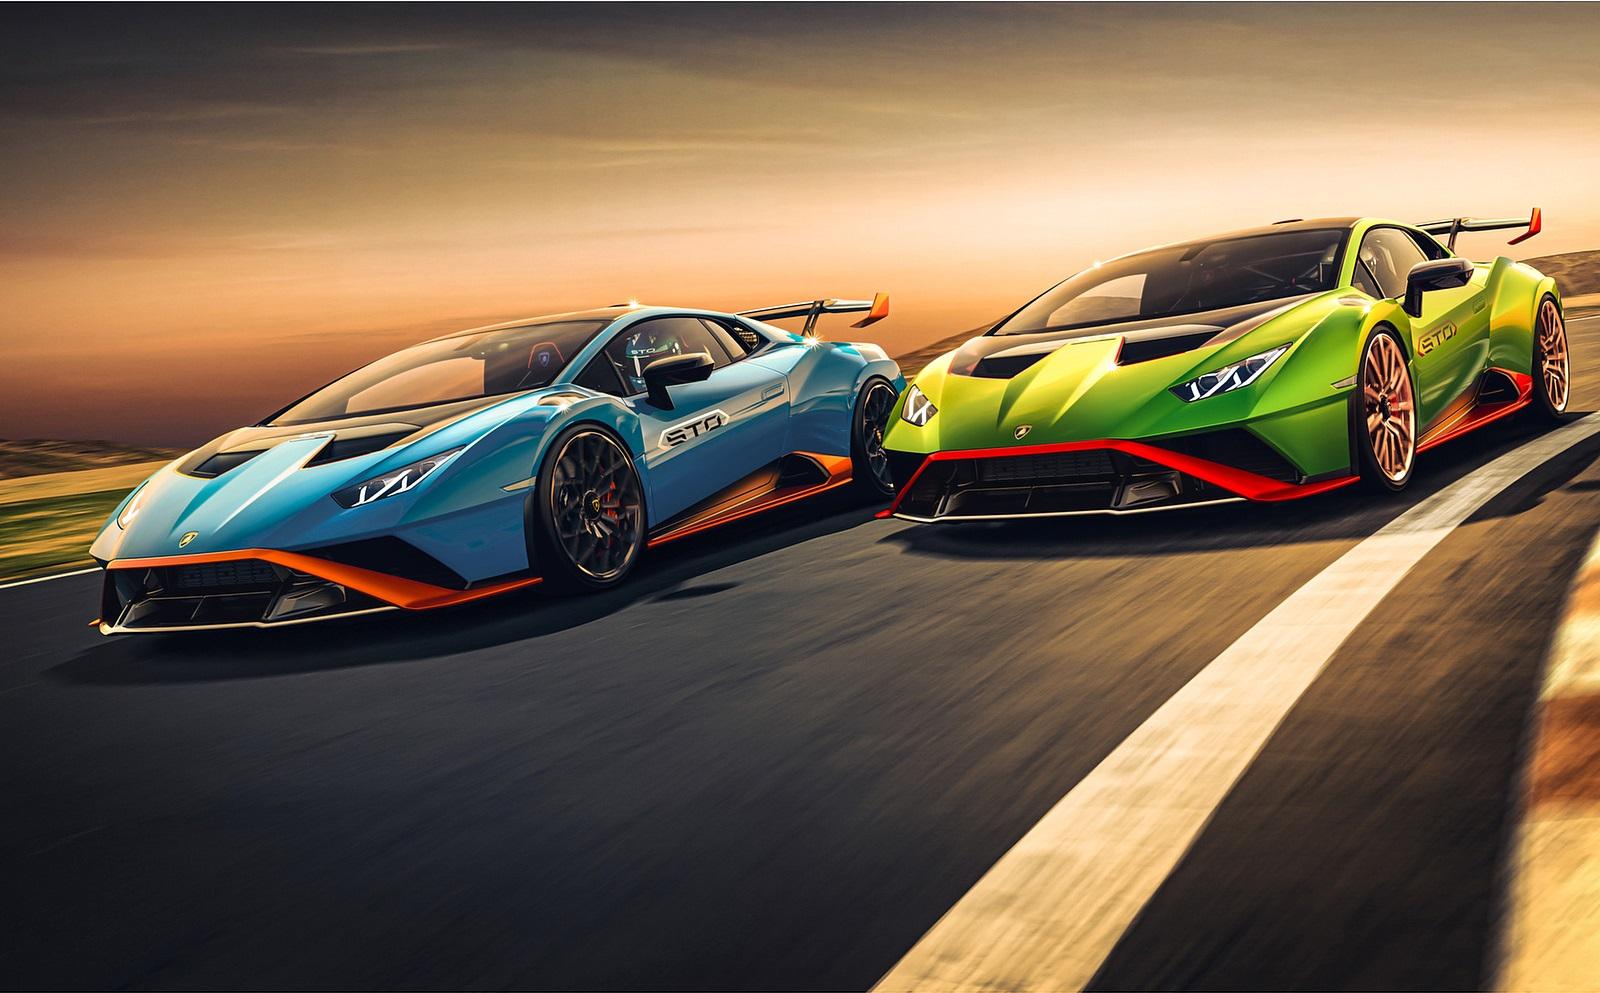 2021 Lamborghini Huracán STO Wallpapers (7)